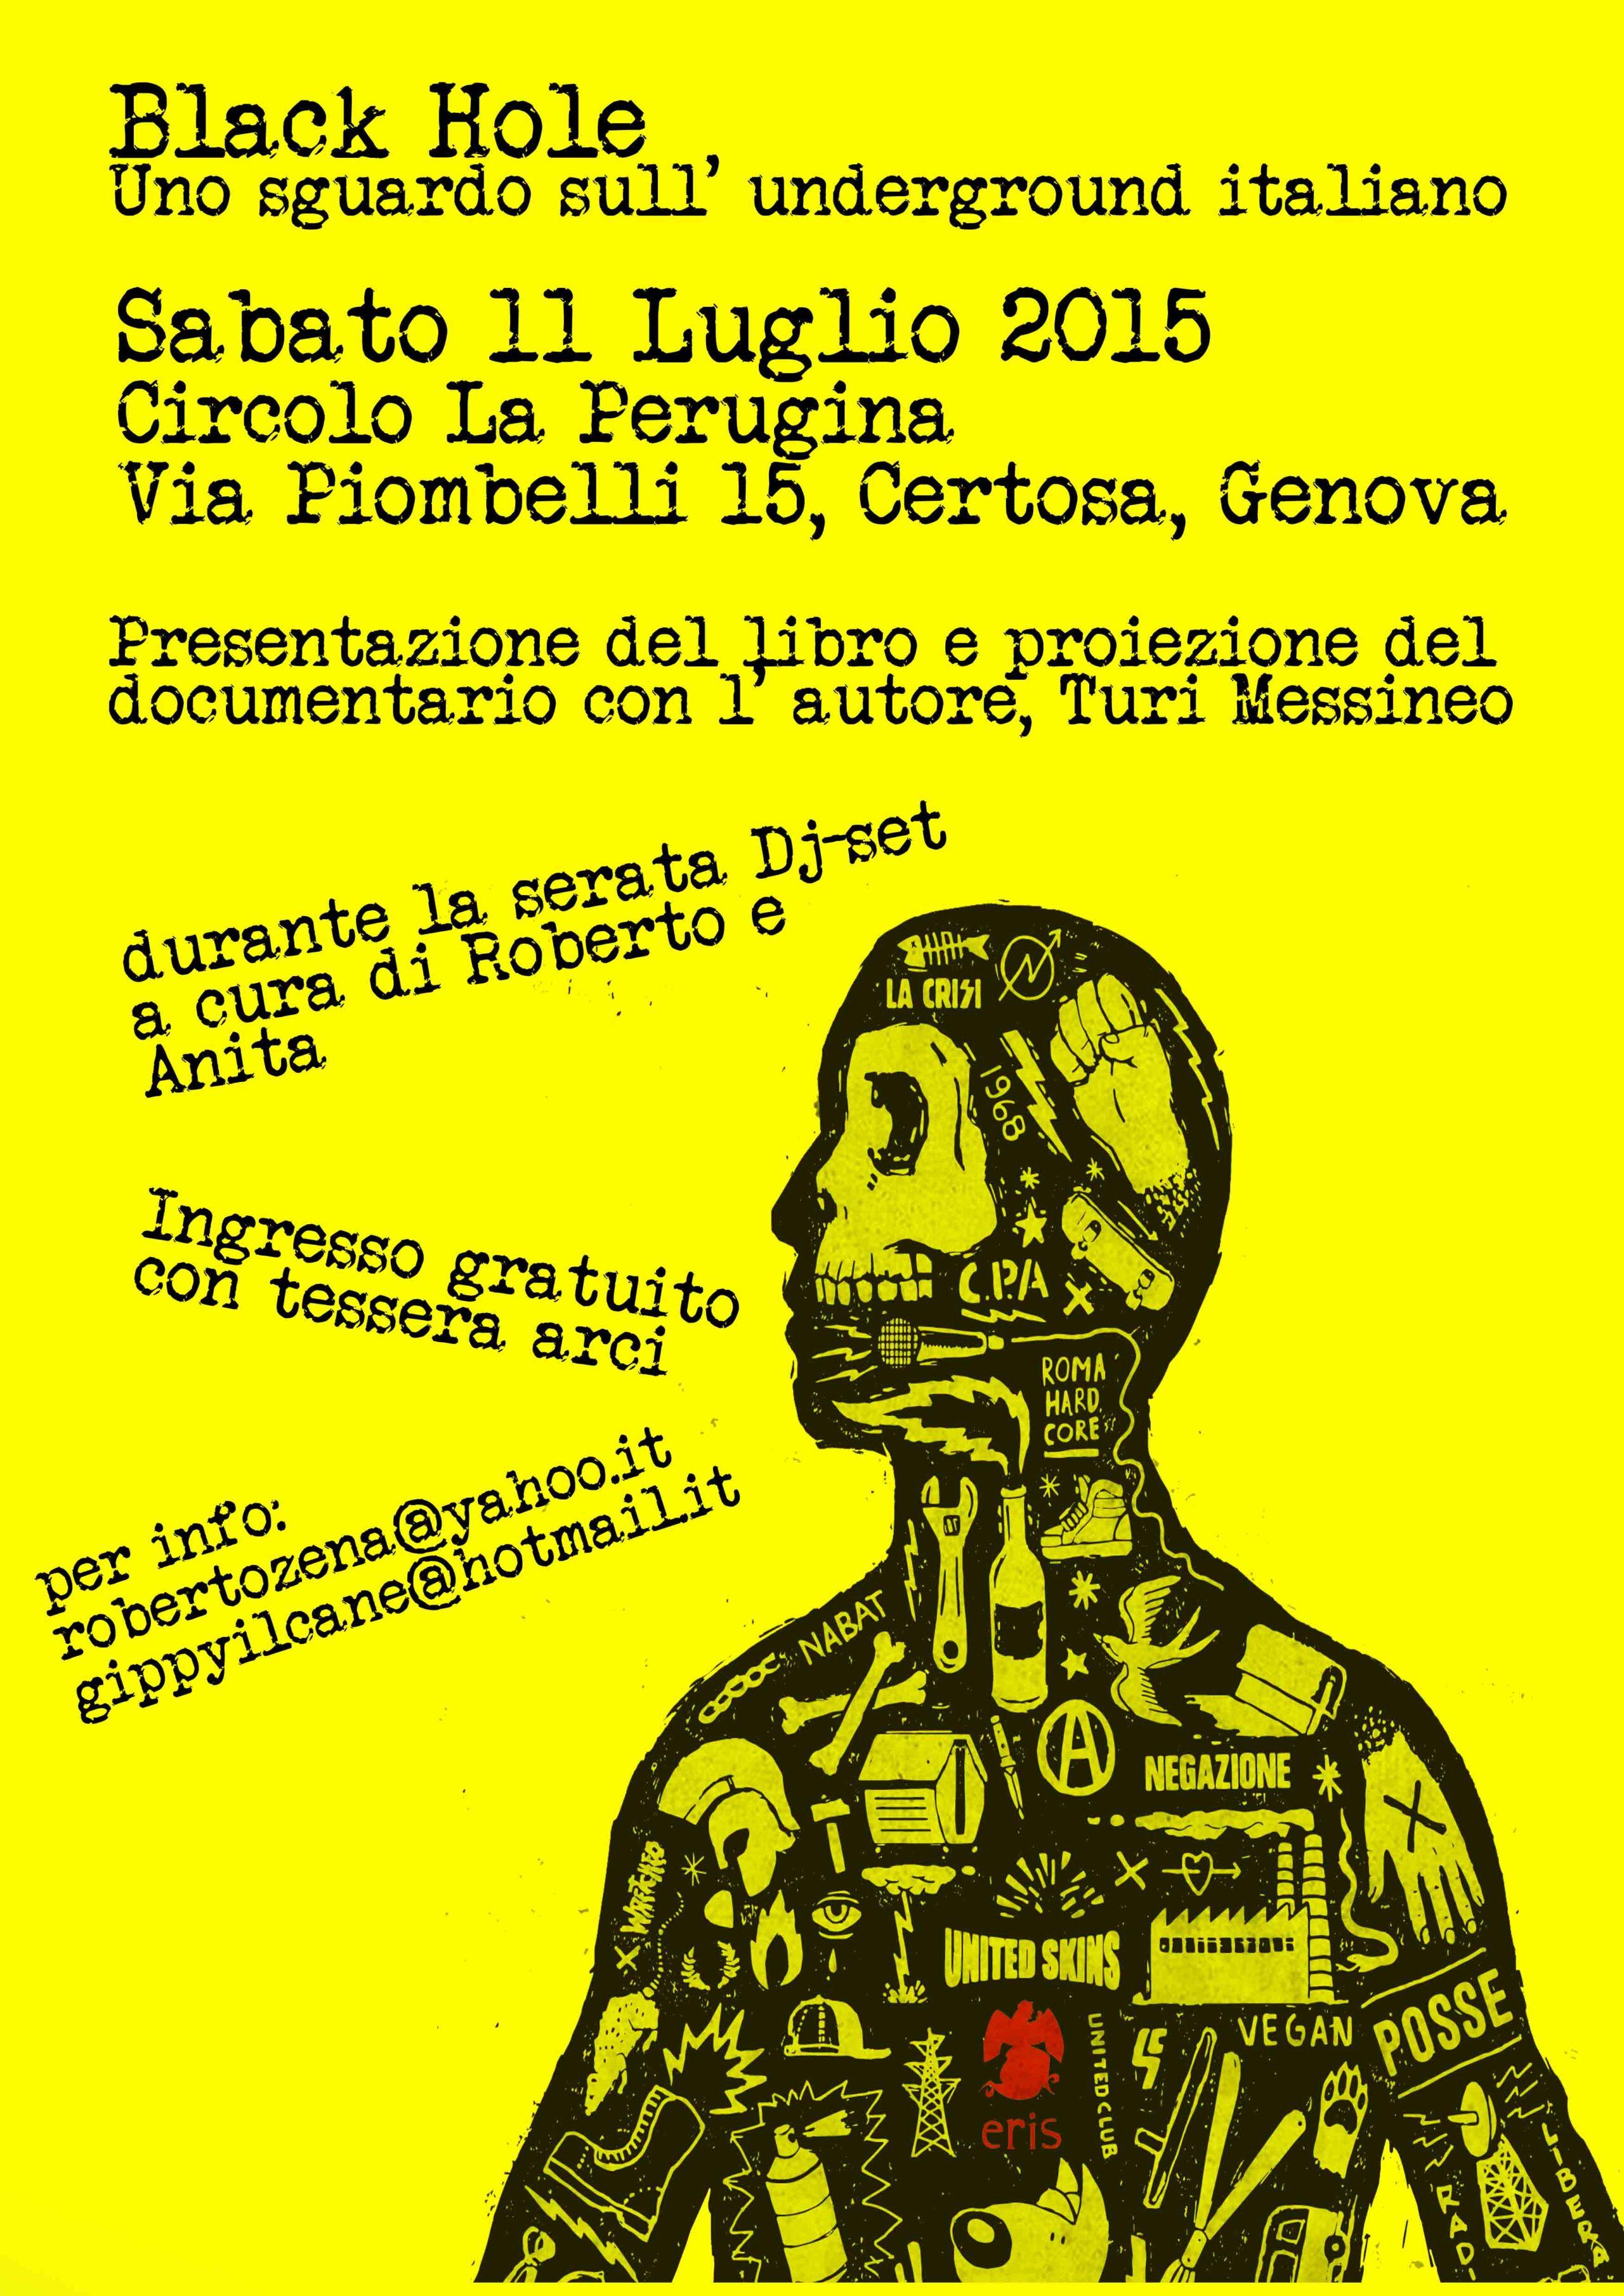 Black Hole: Uno Sguardo Sull'Underground Italiano 4 - fanzine